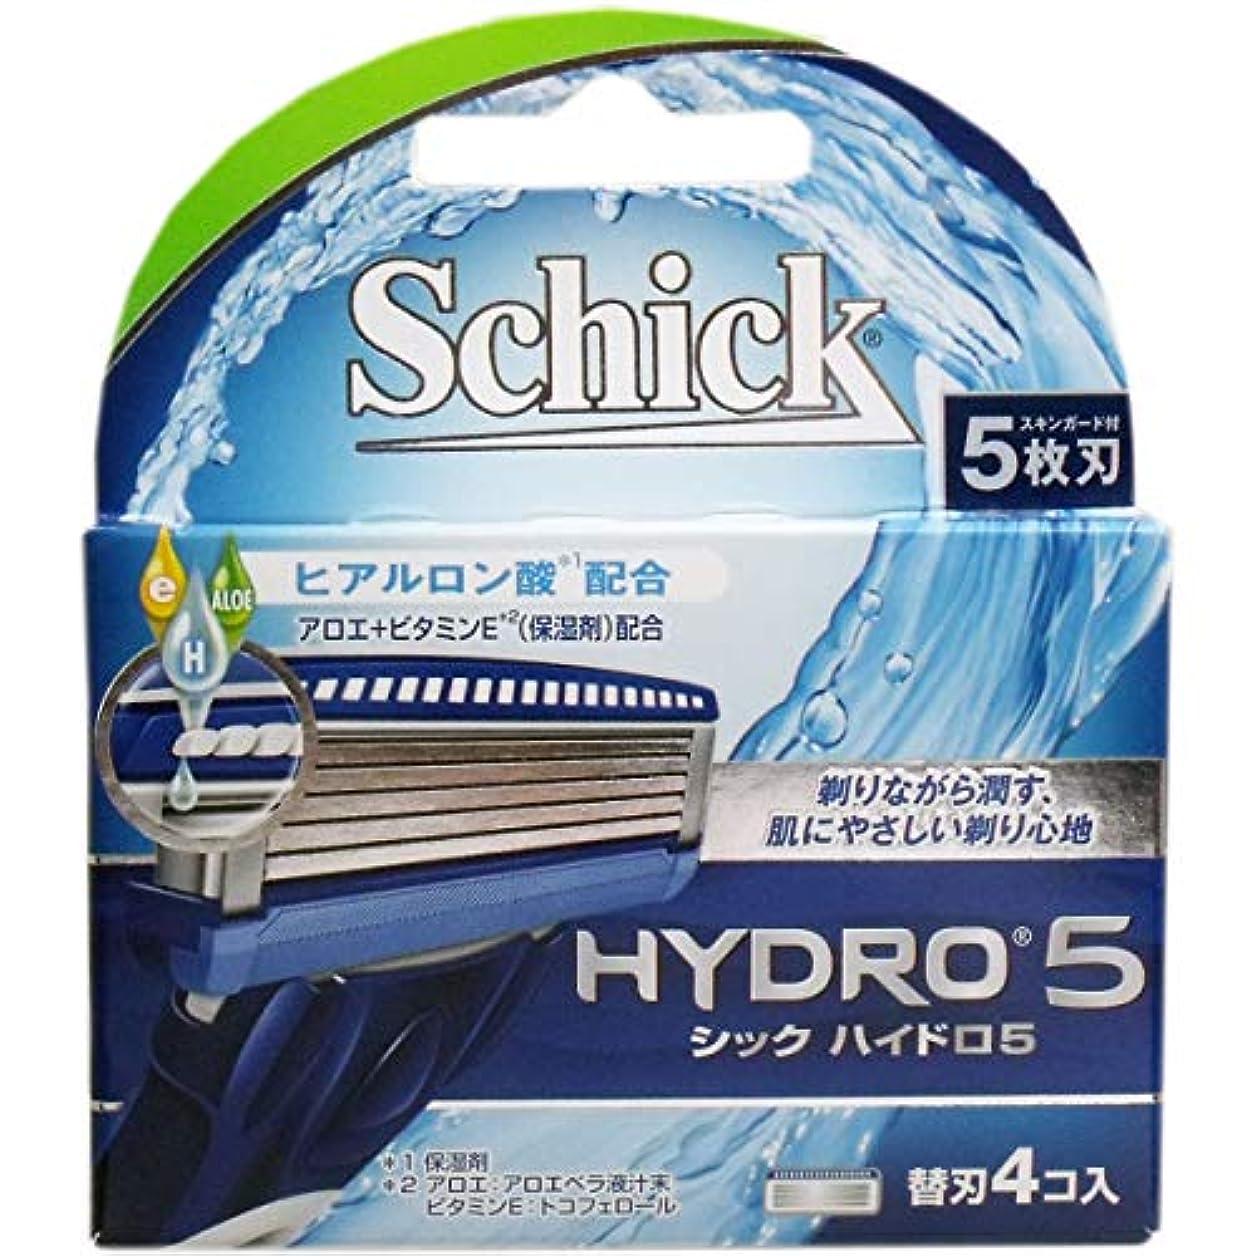 スペクトラムクルーズカビシック ハイドロ5 替刃 4個入×10個セット